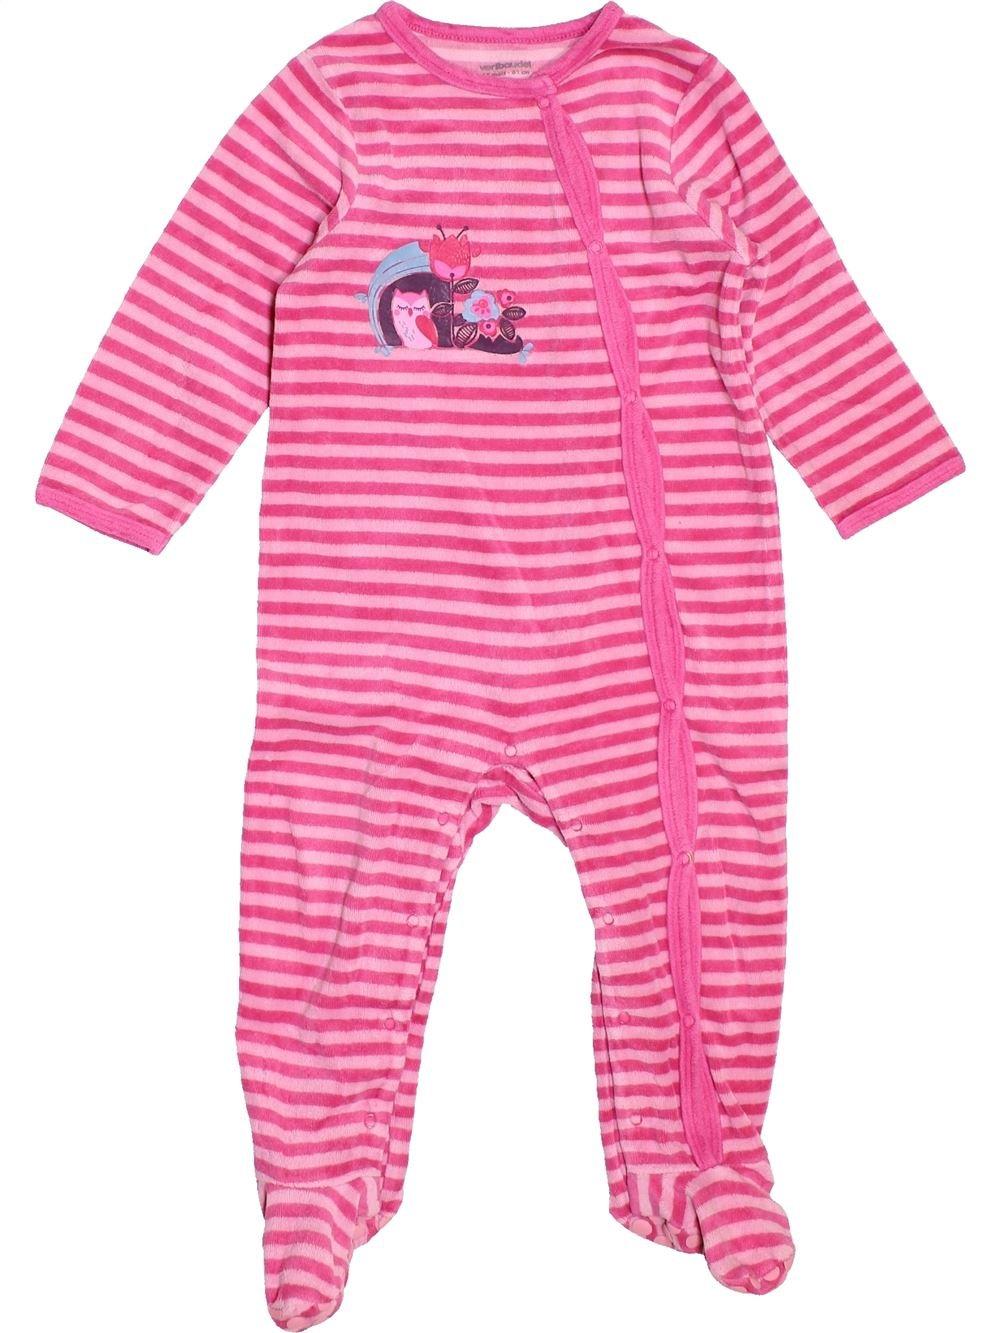 f4342f24907c8 Pyjama 1 piece rose VERTBAUDET du 18 mois pour Fille - 1488026